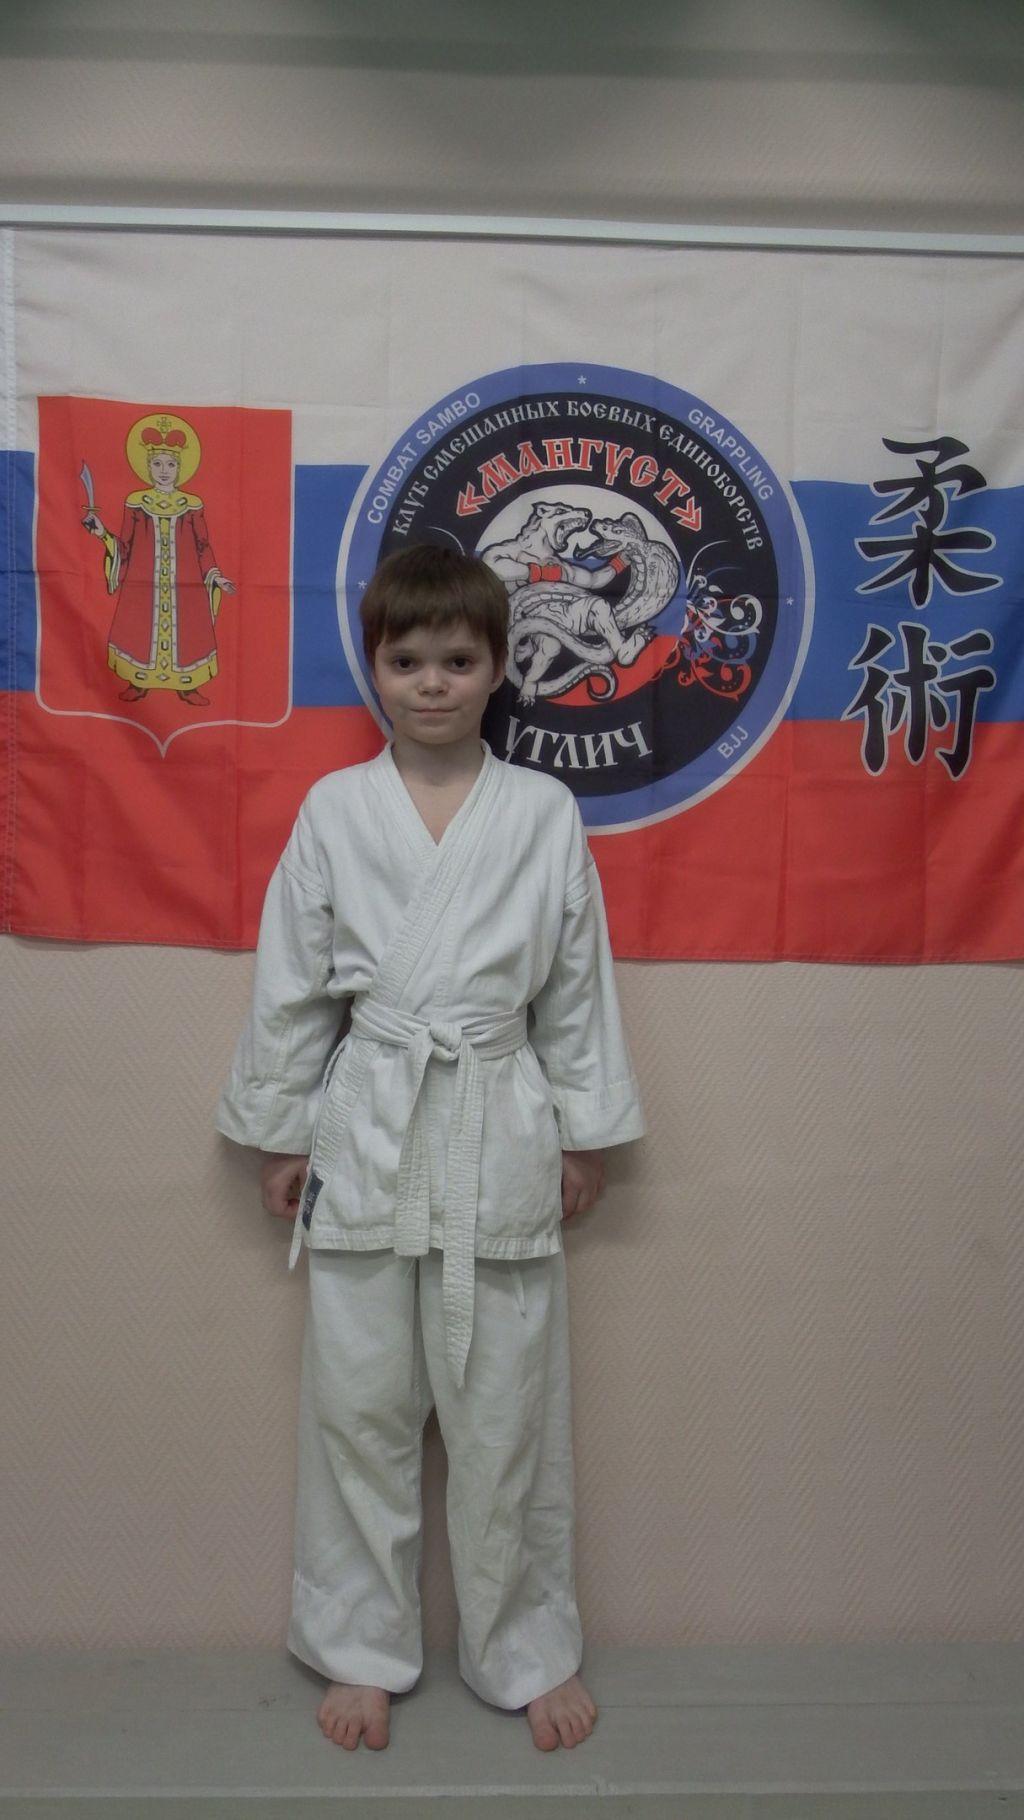 Поздравляем с Днём Рождения Михаила Дорошенко! Желаем Ему Здоровья и Успехов в Учёбе и Спорте!